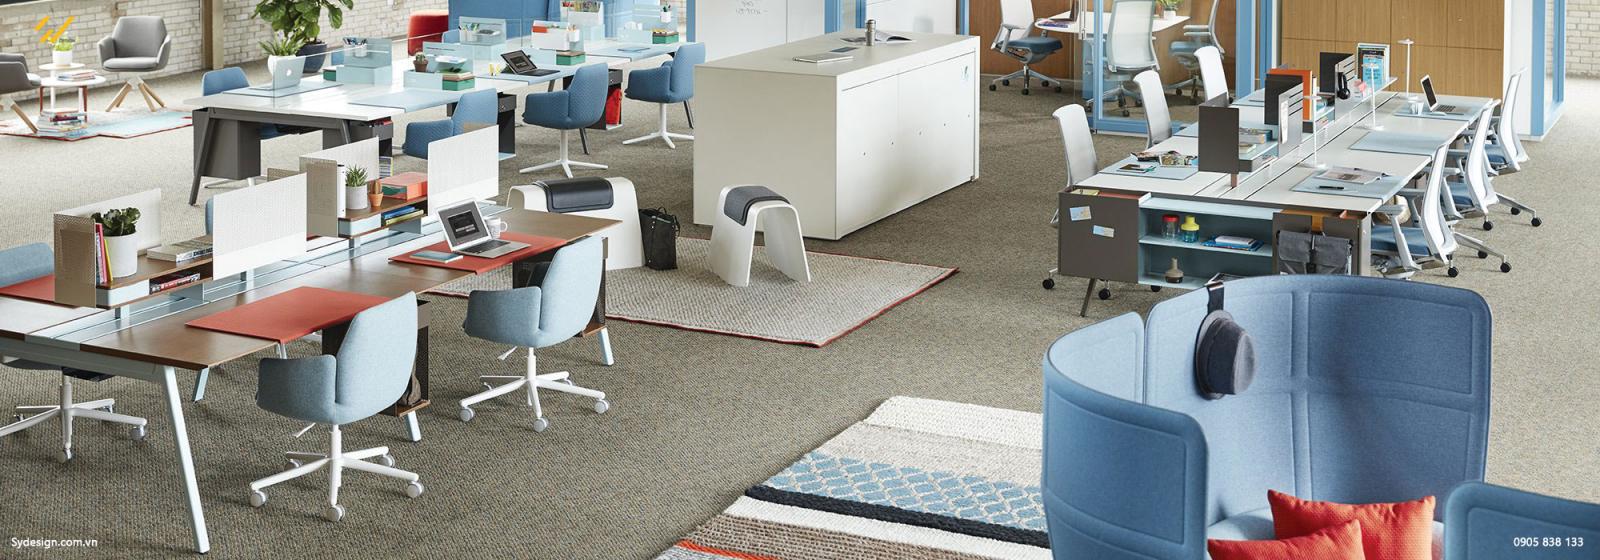 Không gian thiết kế nội thất làm việc của văn phòng 100m2 với tông màu xanh